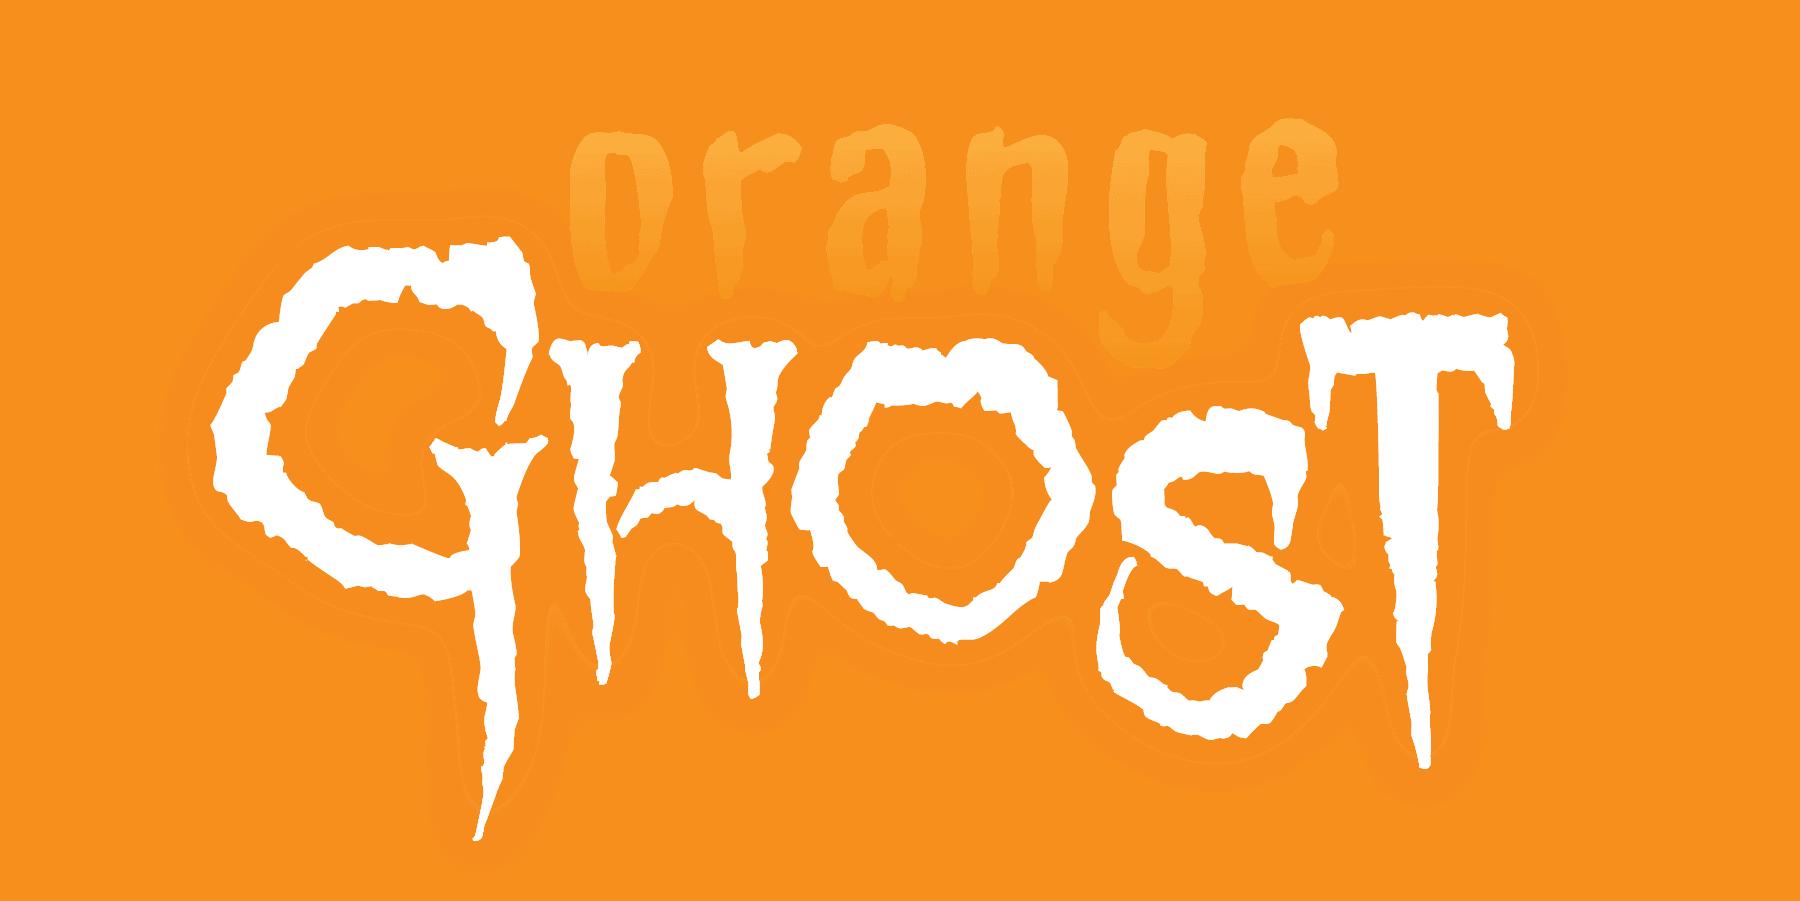 StrainLogo_OrangeGhost